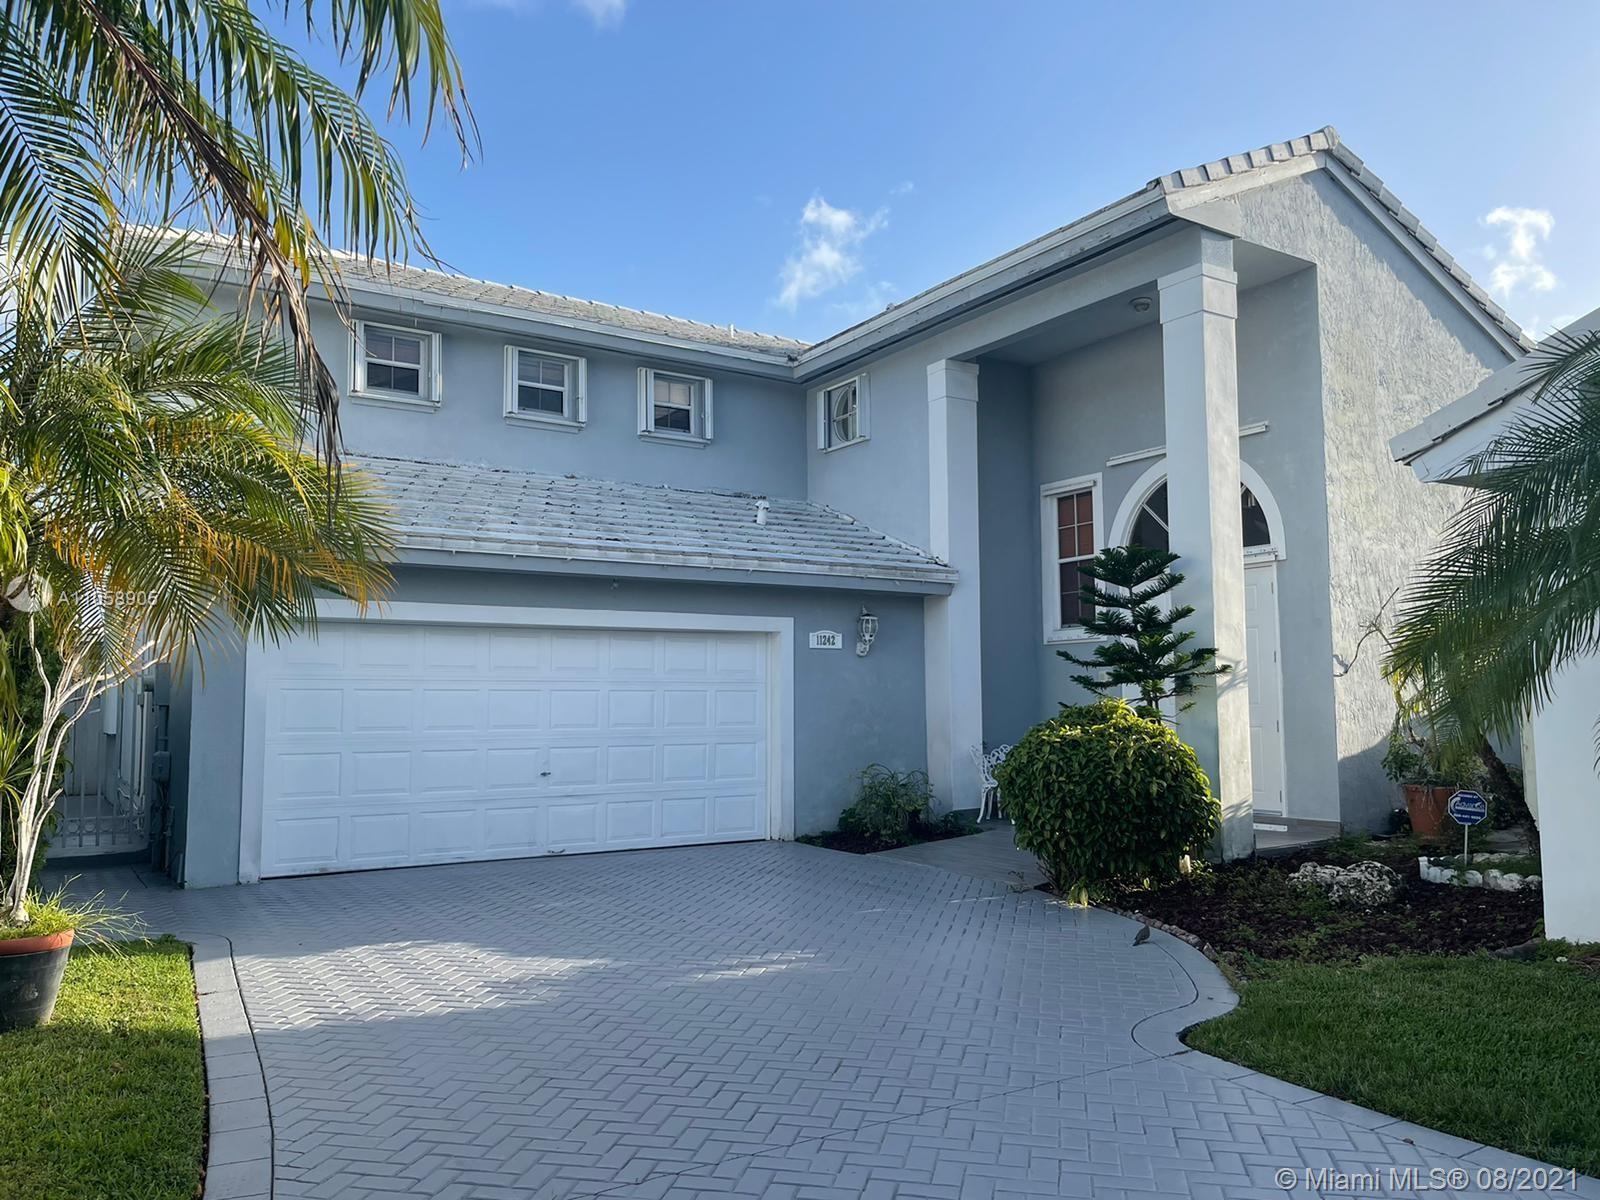 Snapper Creek - 11242 SW 62nd Ln, Miami, FL 33173